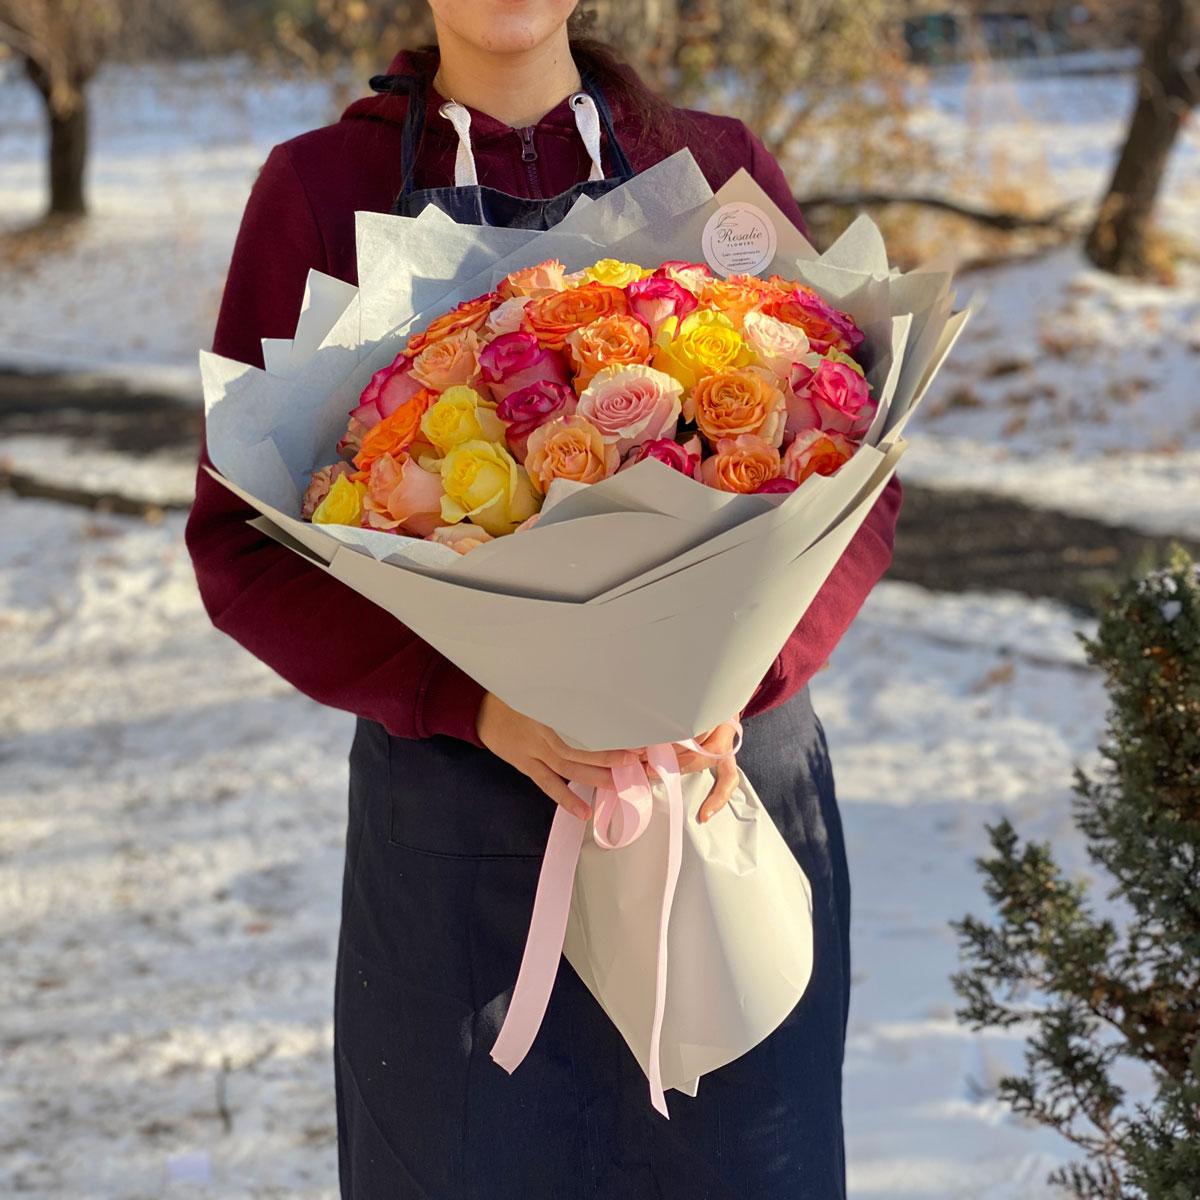 Цветы: какие нужно выбрать, какие подойдут на свадьбу, цветовые оттенки, особенности цветов, которые нужно подарить на свадьбу